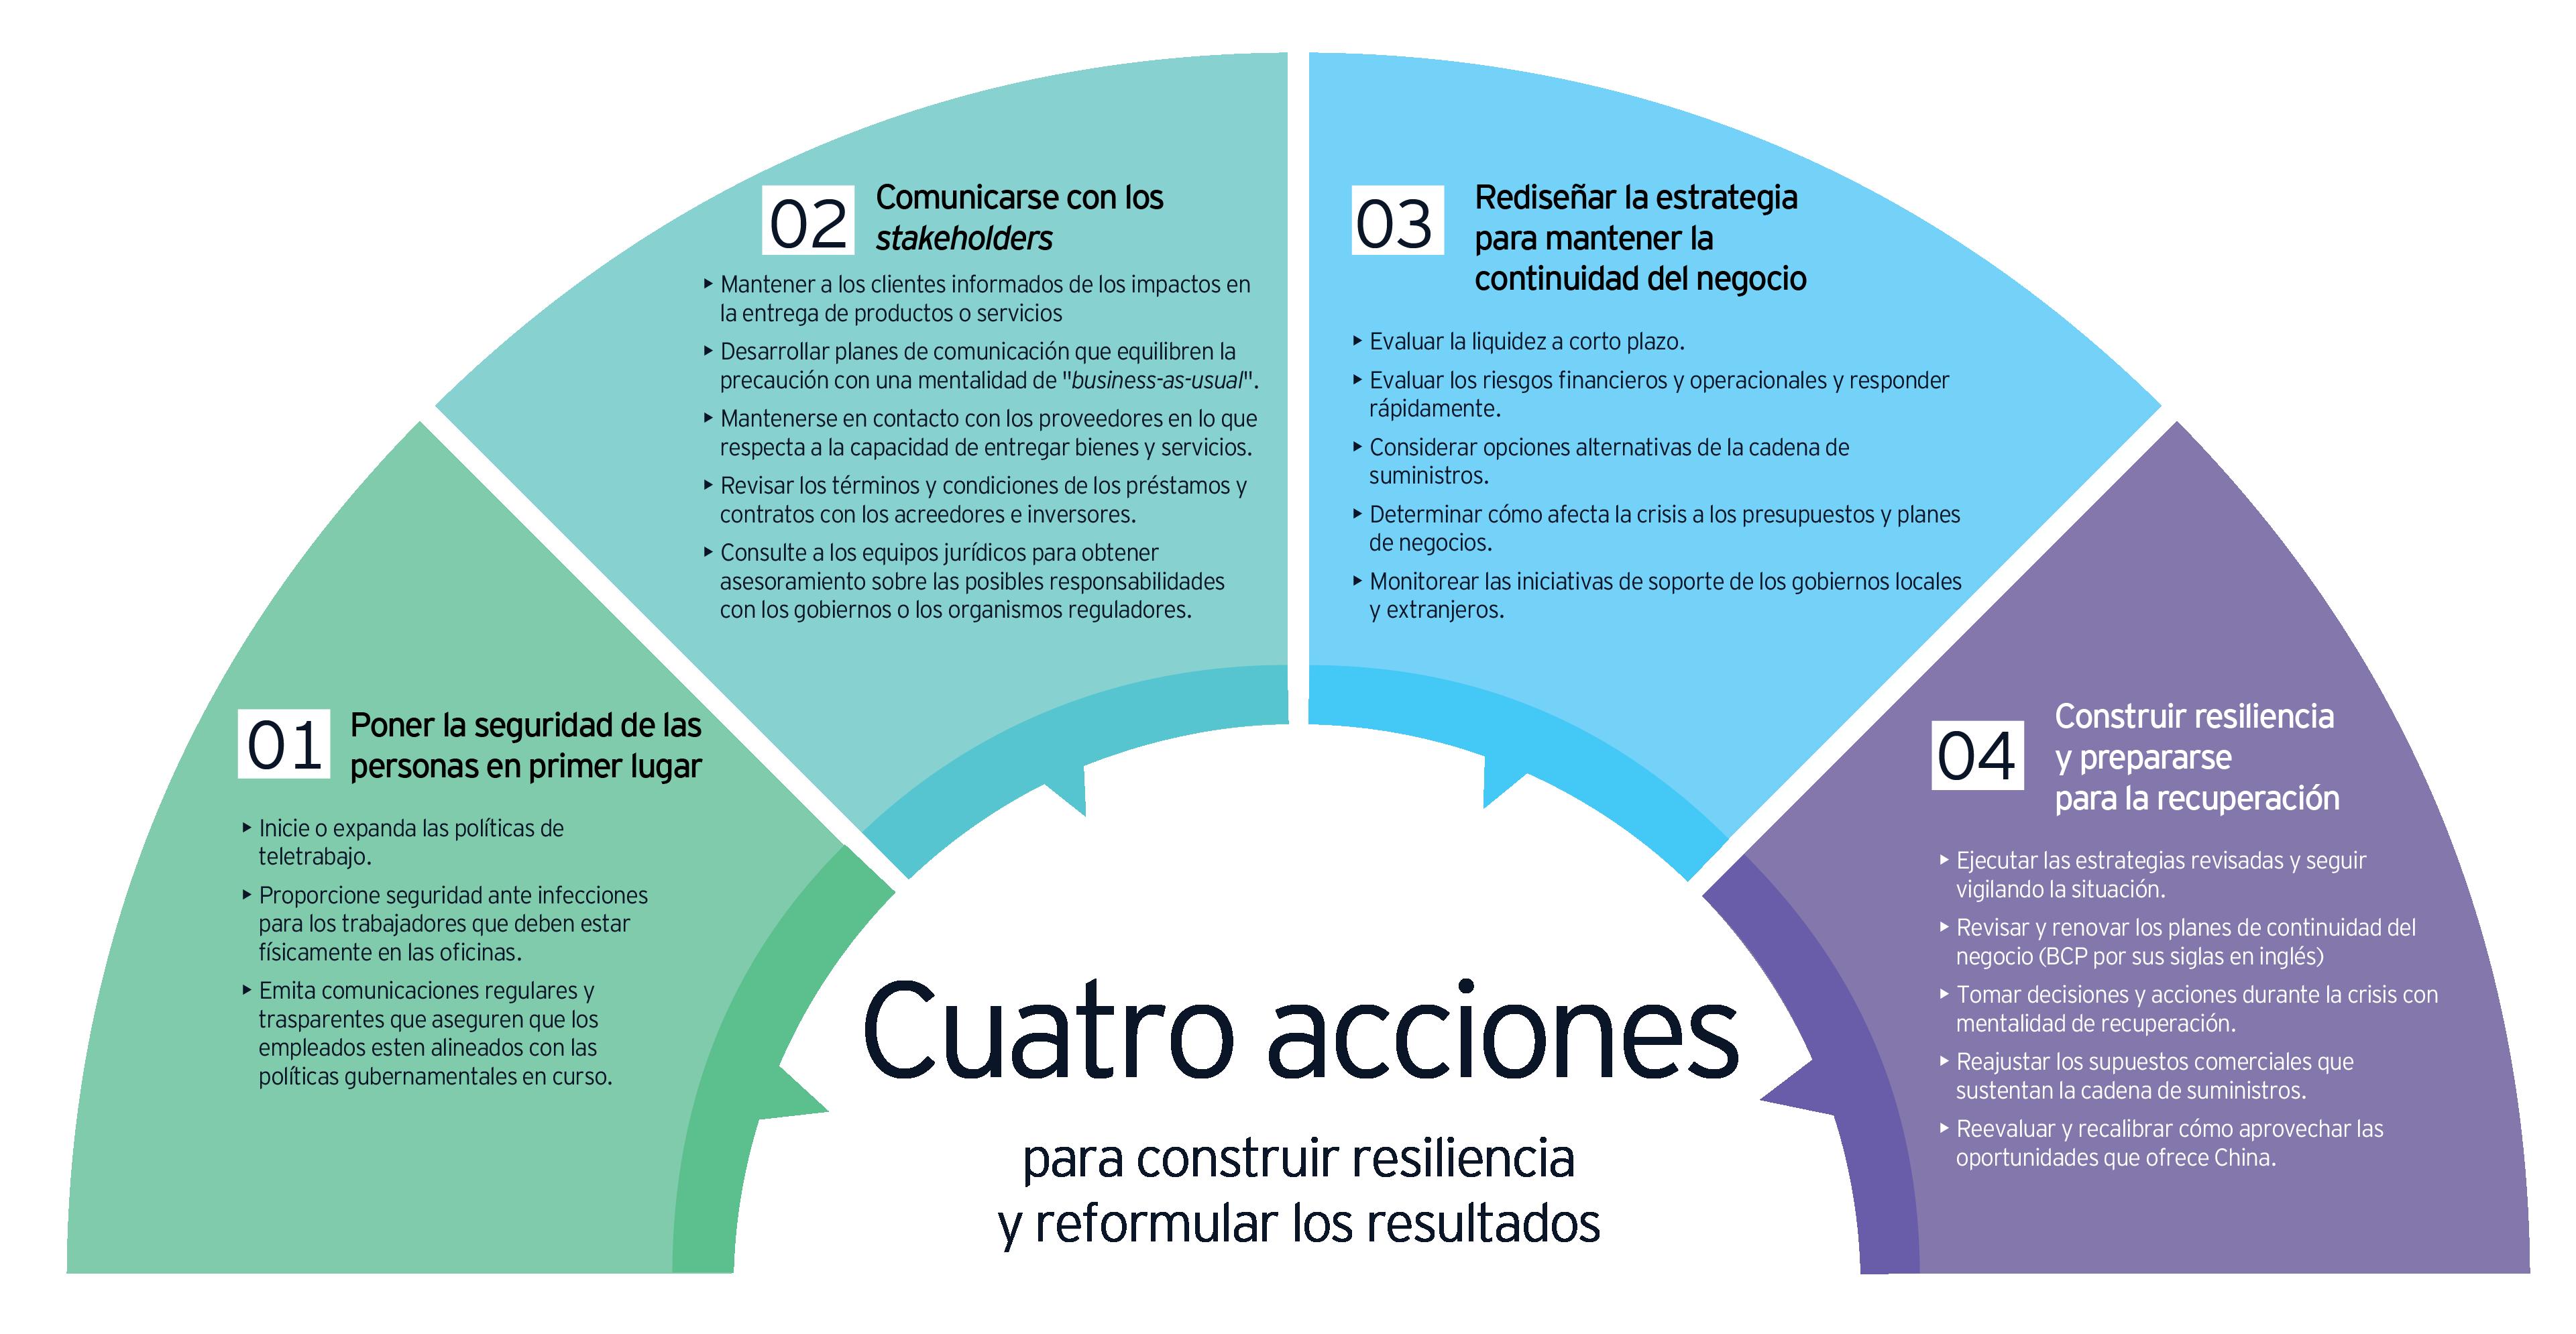 Cuatro acciones para crear resiliencia y replantear los resultados